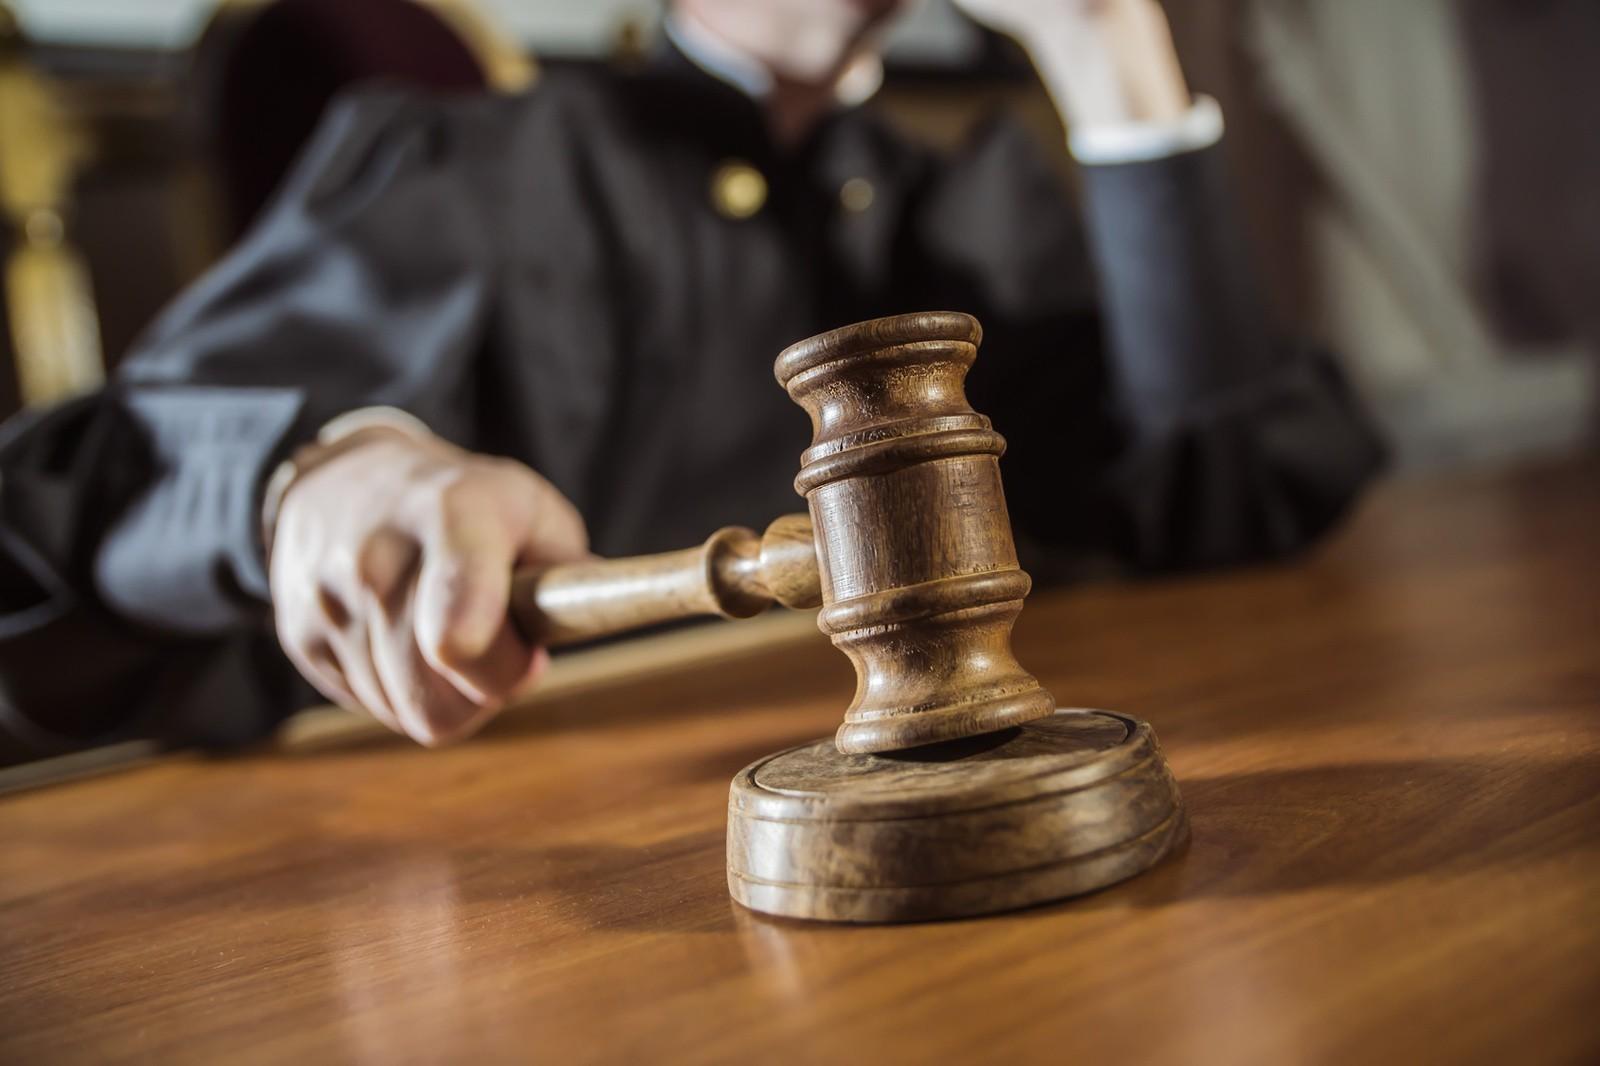 Элистинский городской суд поставил точку в резонансном уголовном деле об убийстве предпринимательницы